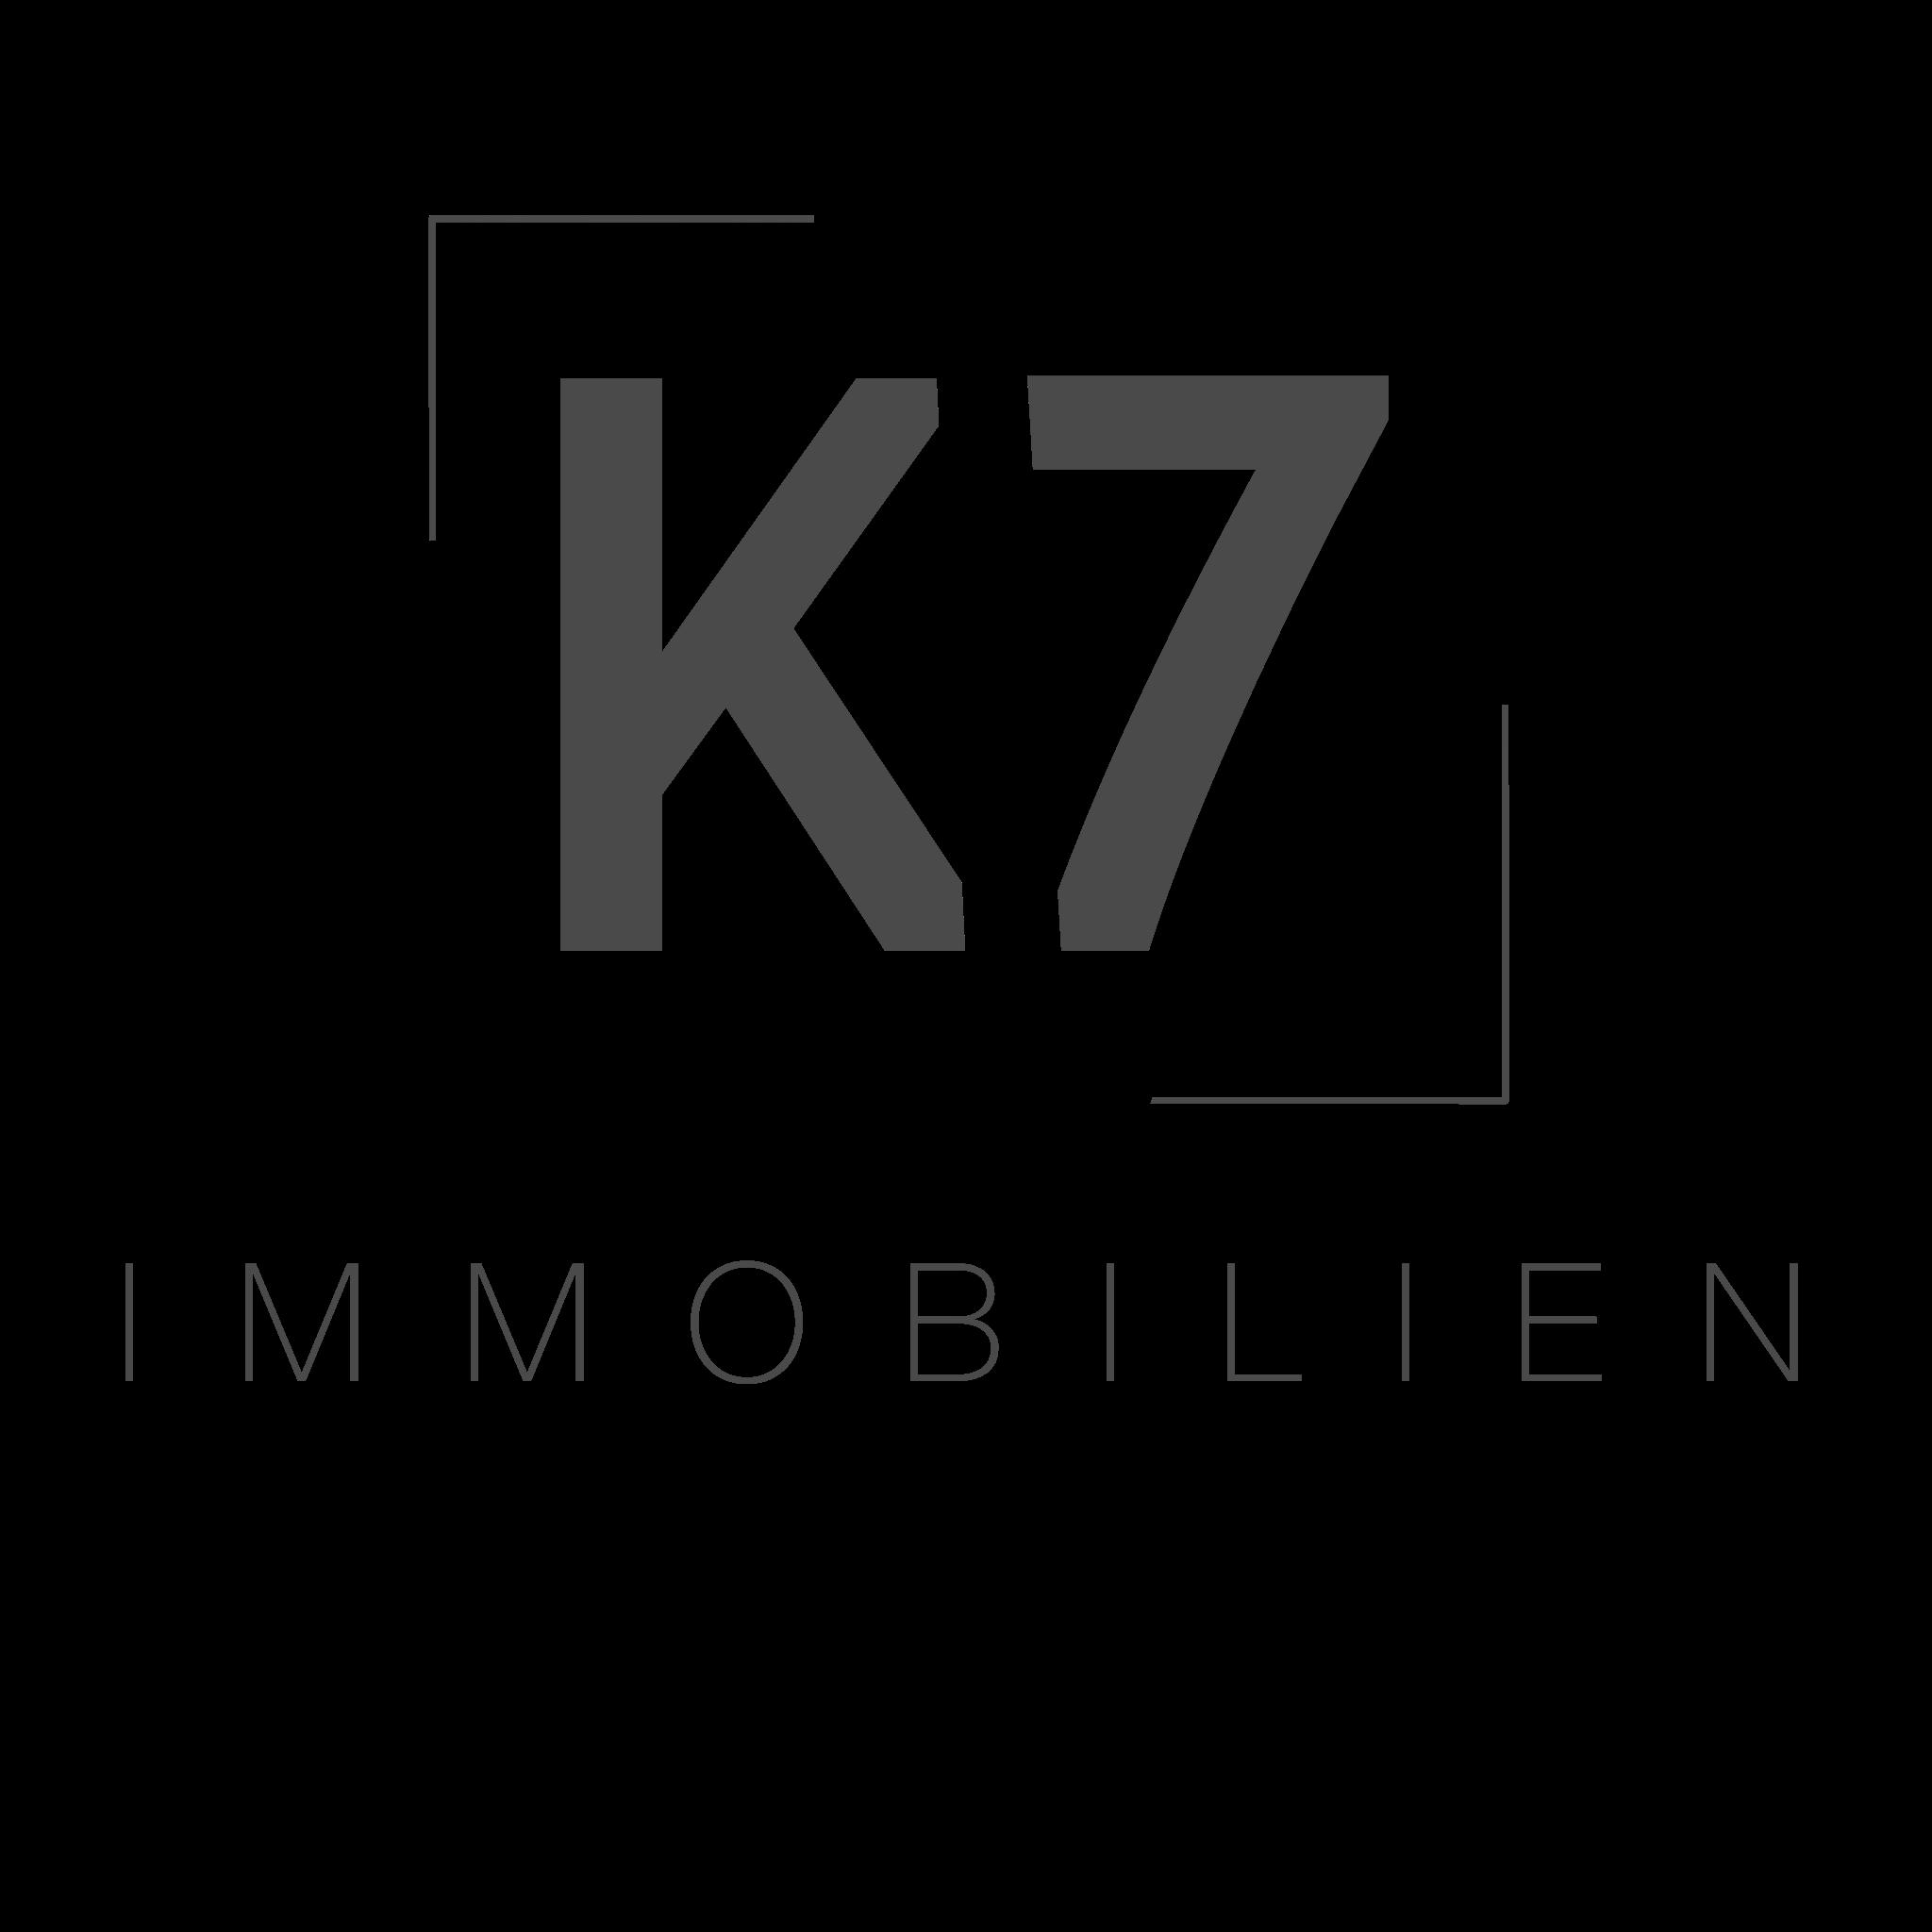 K7 Immobilien GmbH